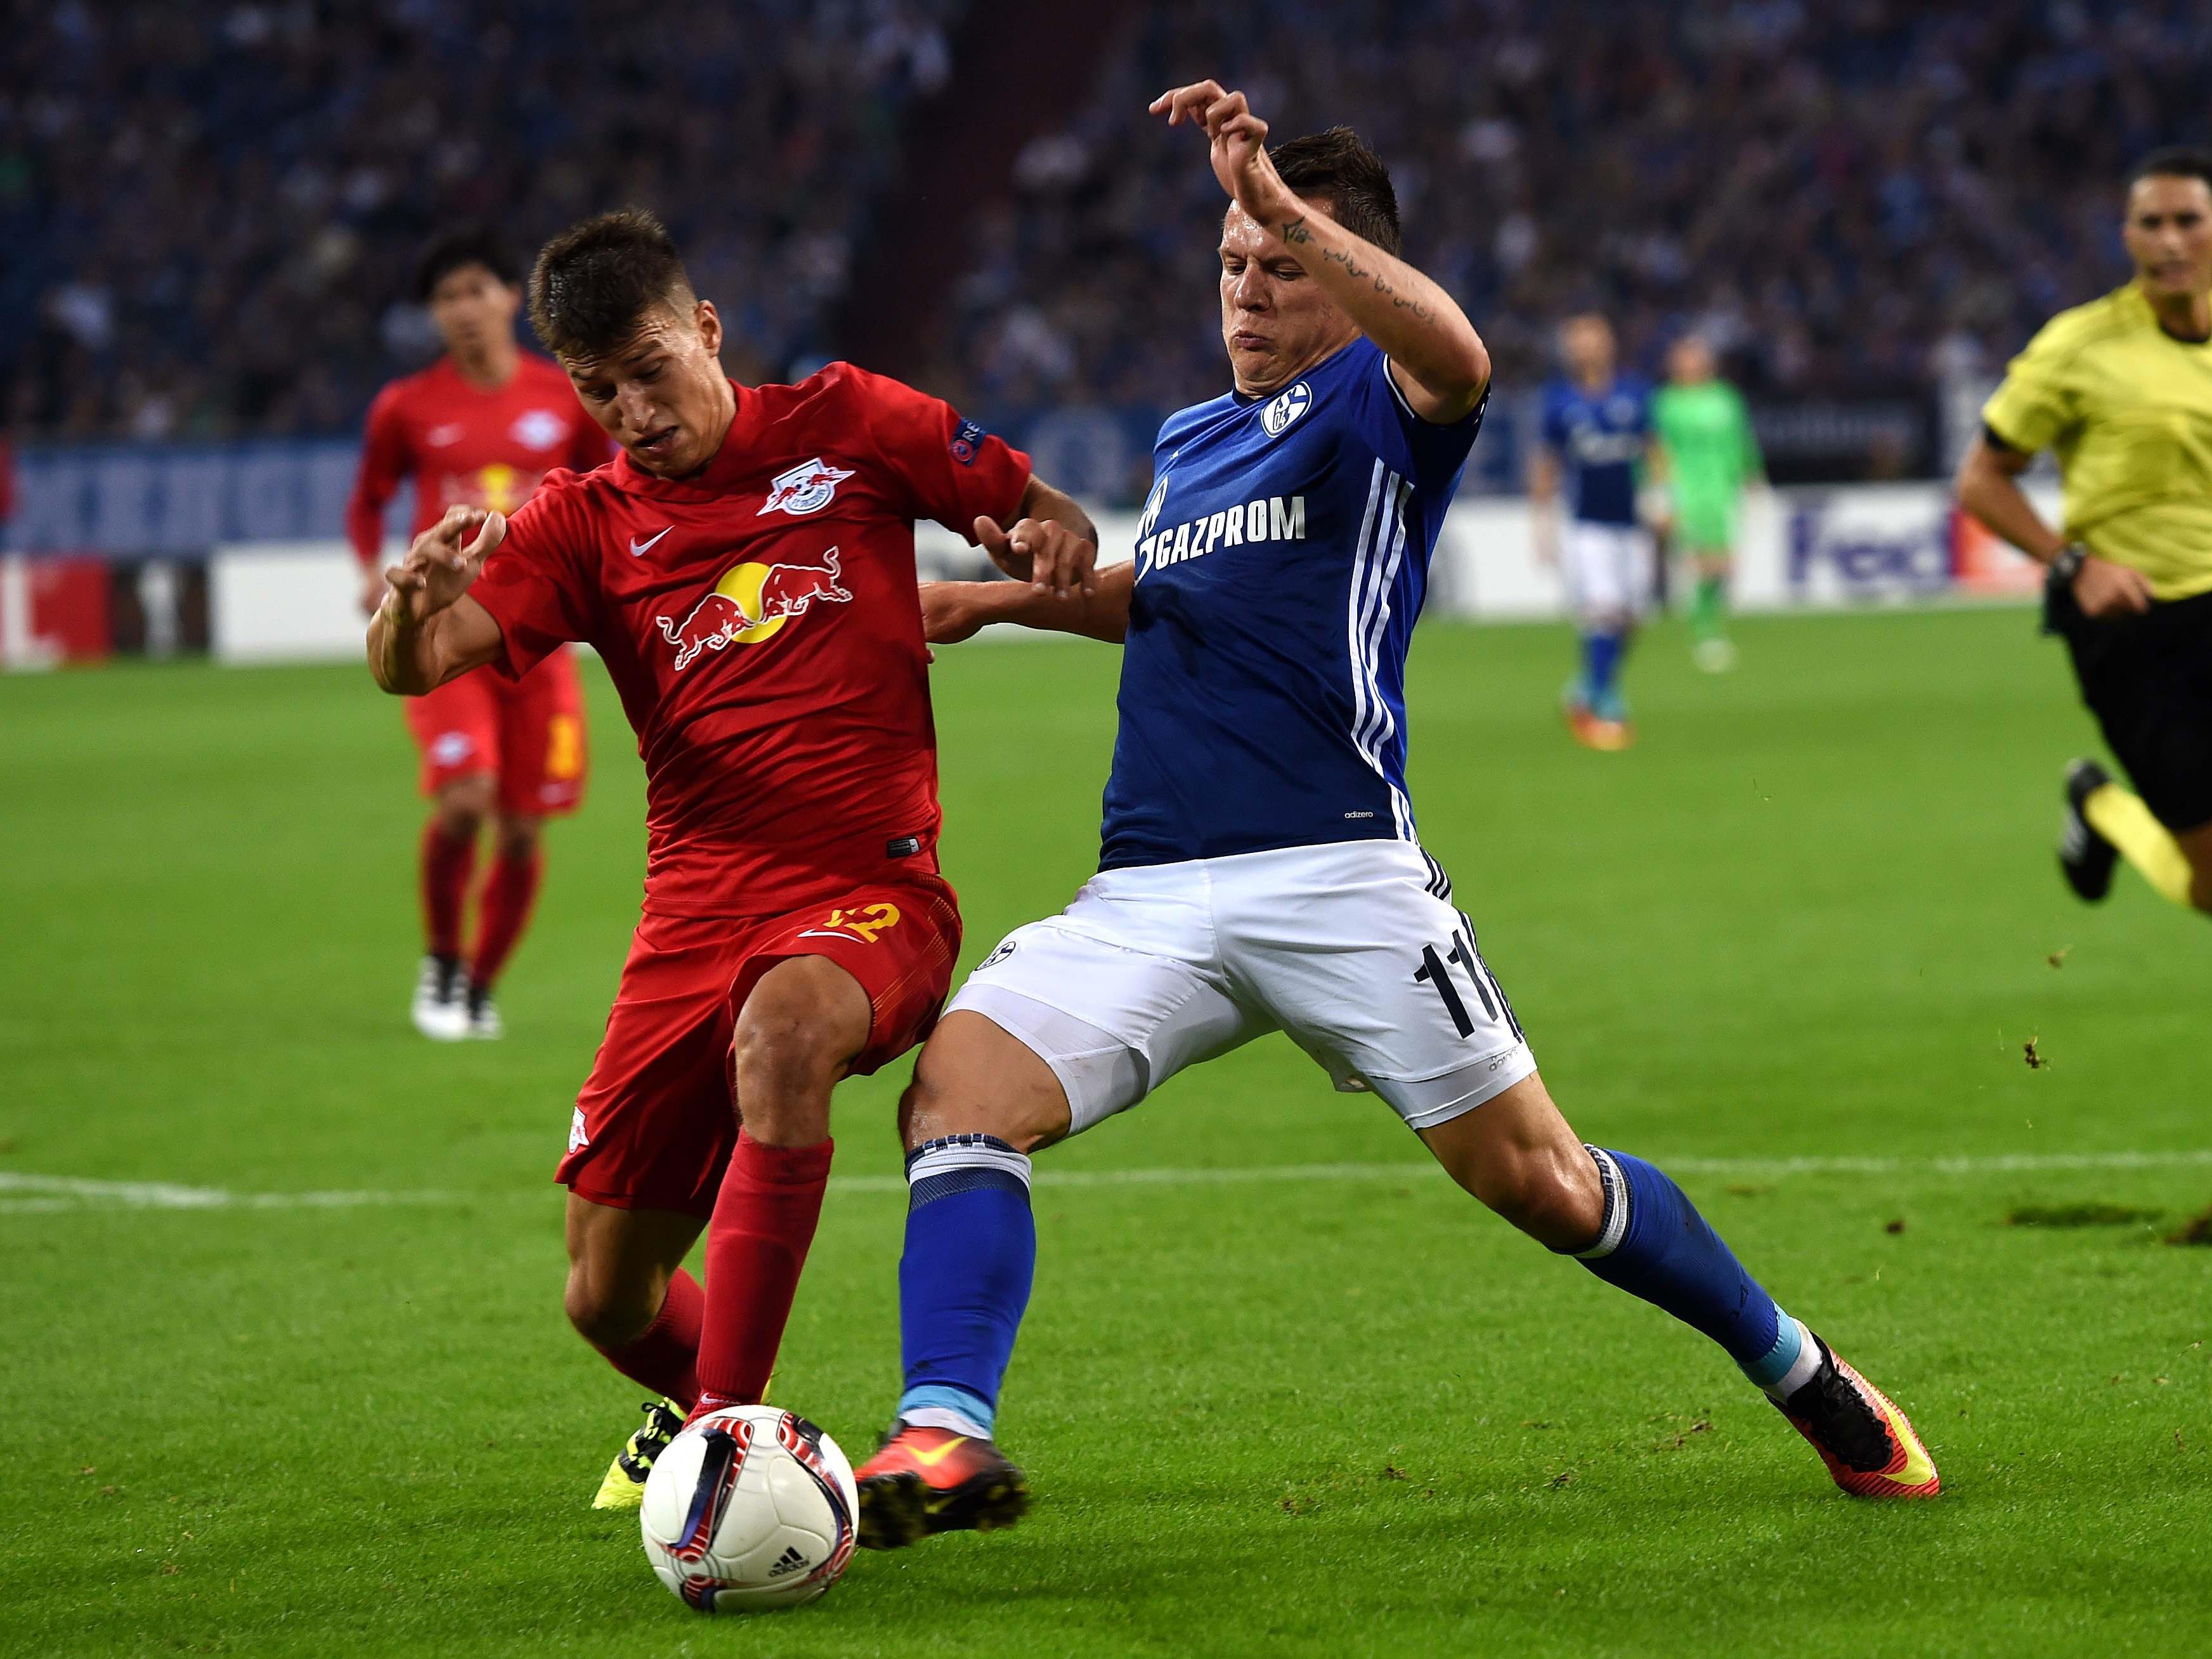 Red Bull Salzburg empfängt zum Abschluss der EL-Gruppenphase Schalke 04.